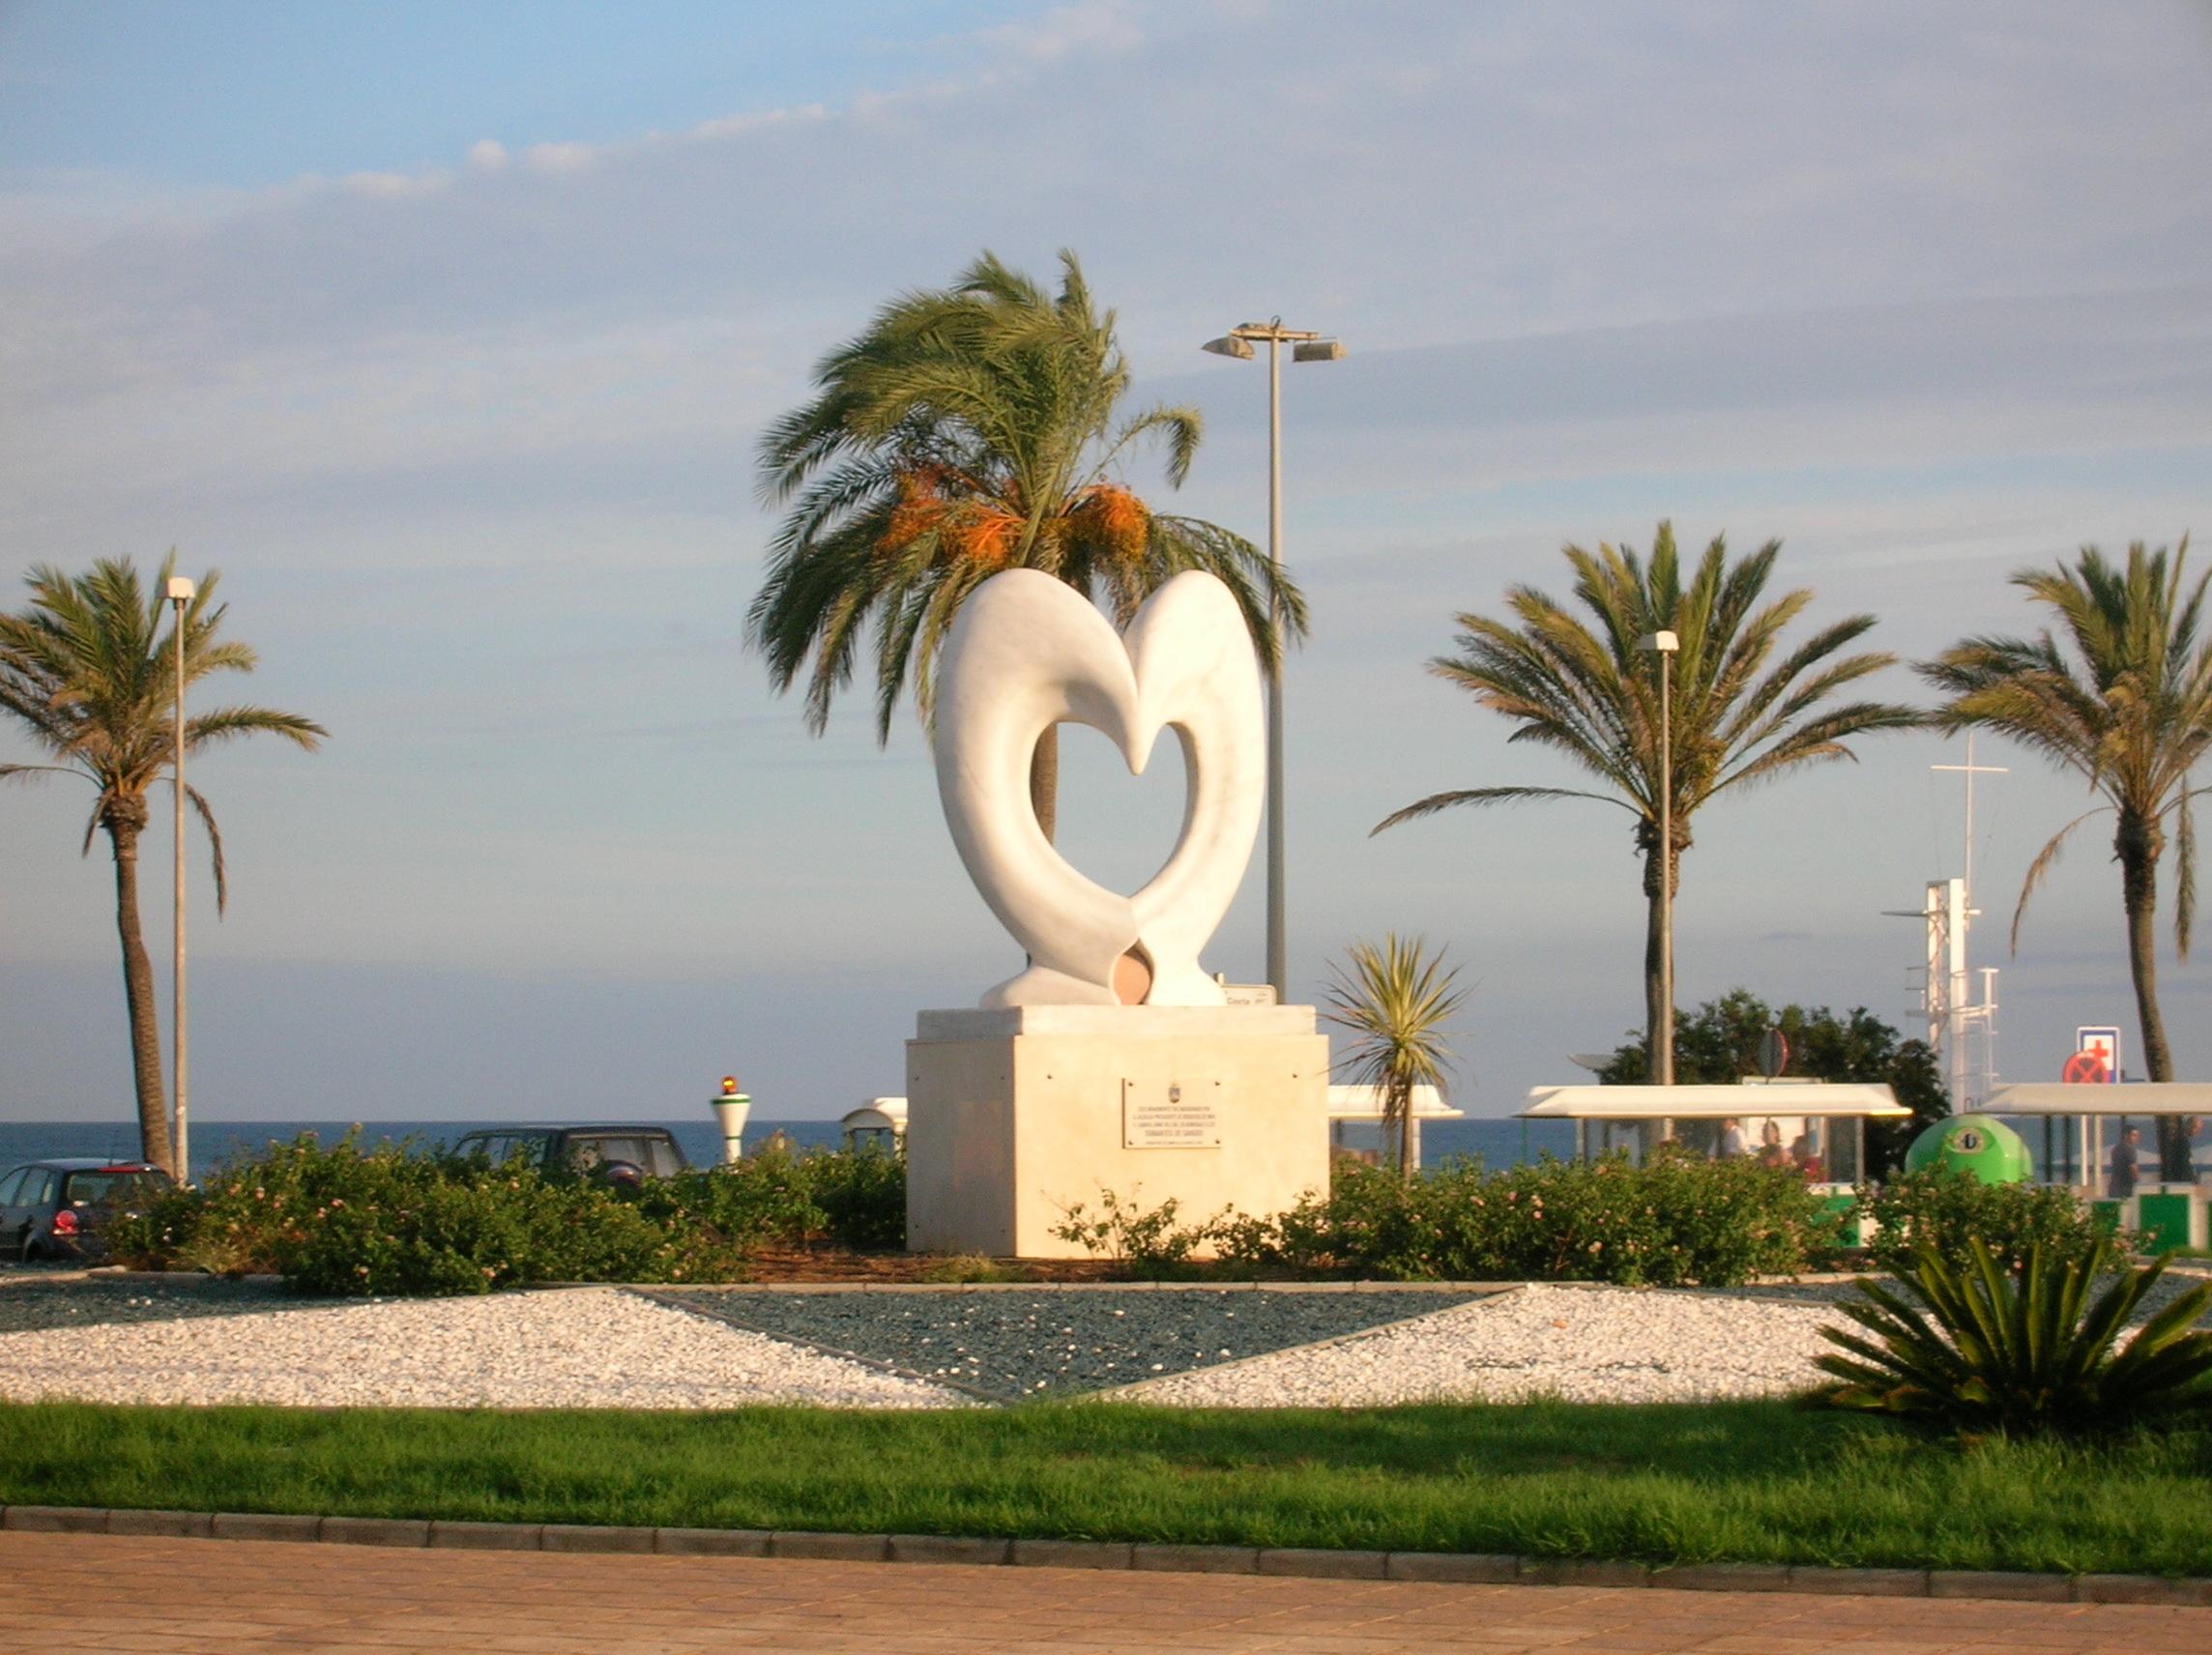 13916 скачать обои Сердца, Архитектура, Любовь, Памятники - заставки и картинки бесплатно